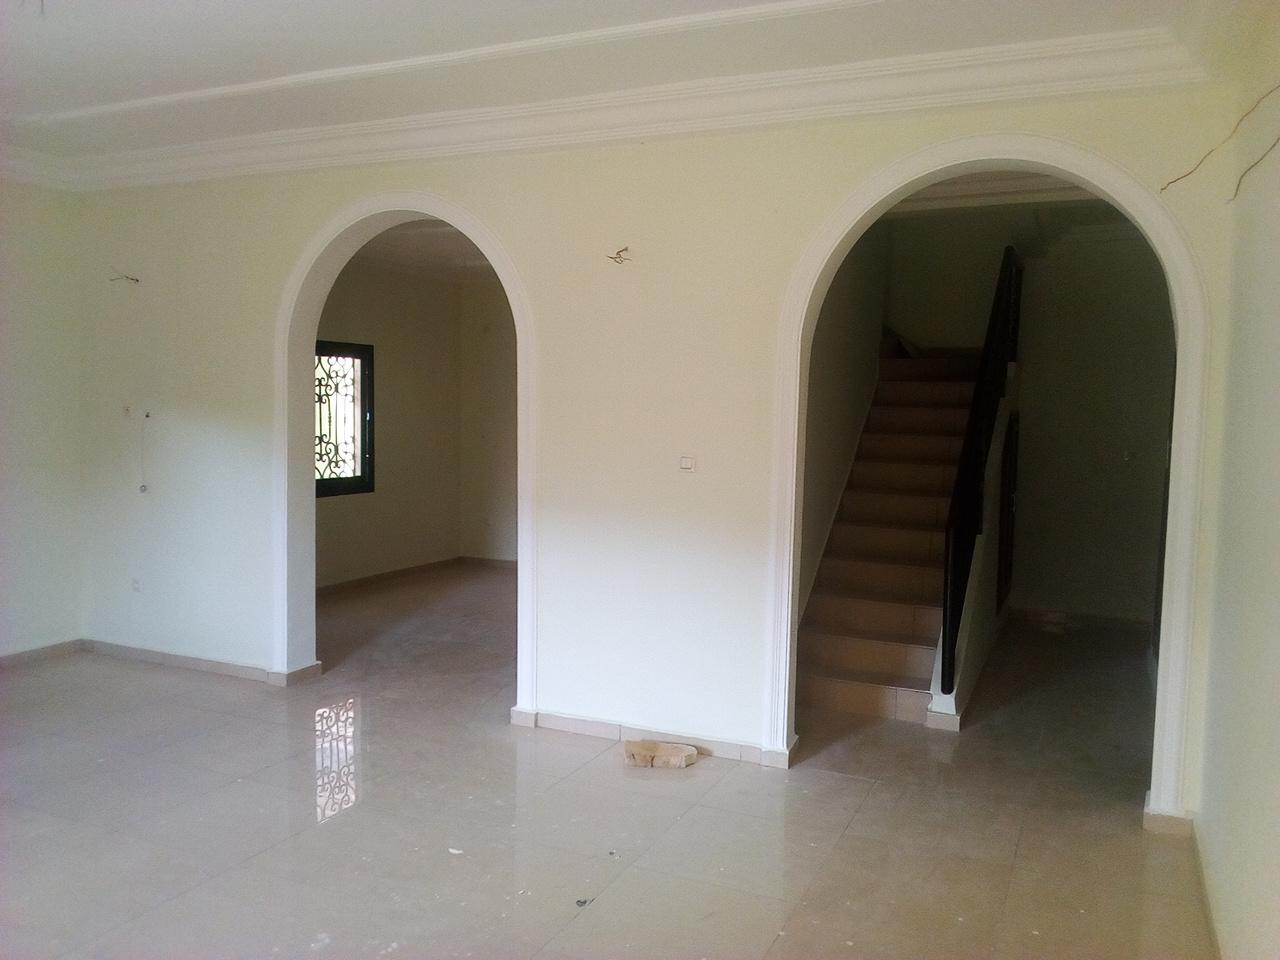 Apartment to rent - Yaoundé, Bastos, appartement duplex pas loin du golf - 1 living room(s), 4 bedroom(s), 4 bathroom(s) - 1 500 000 FCFA / month